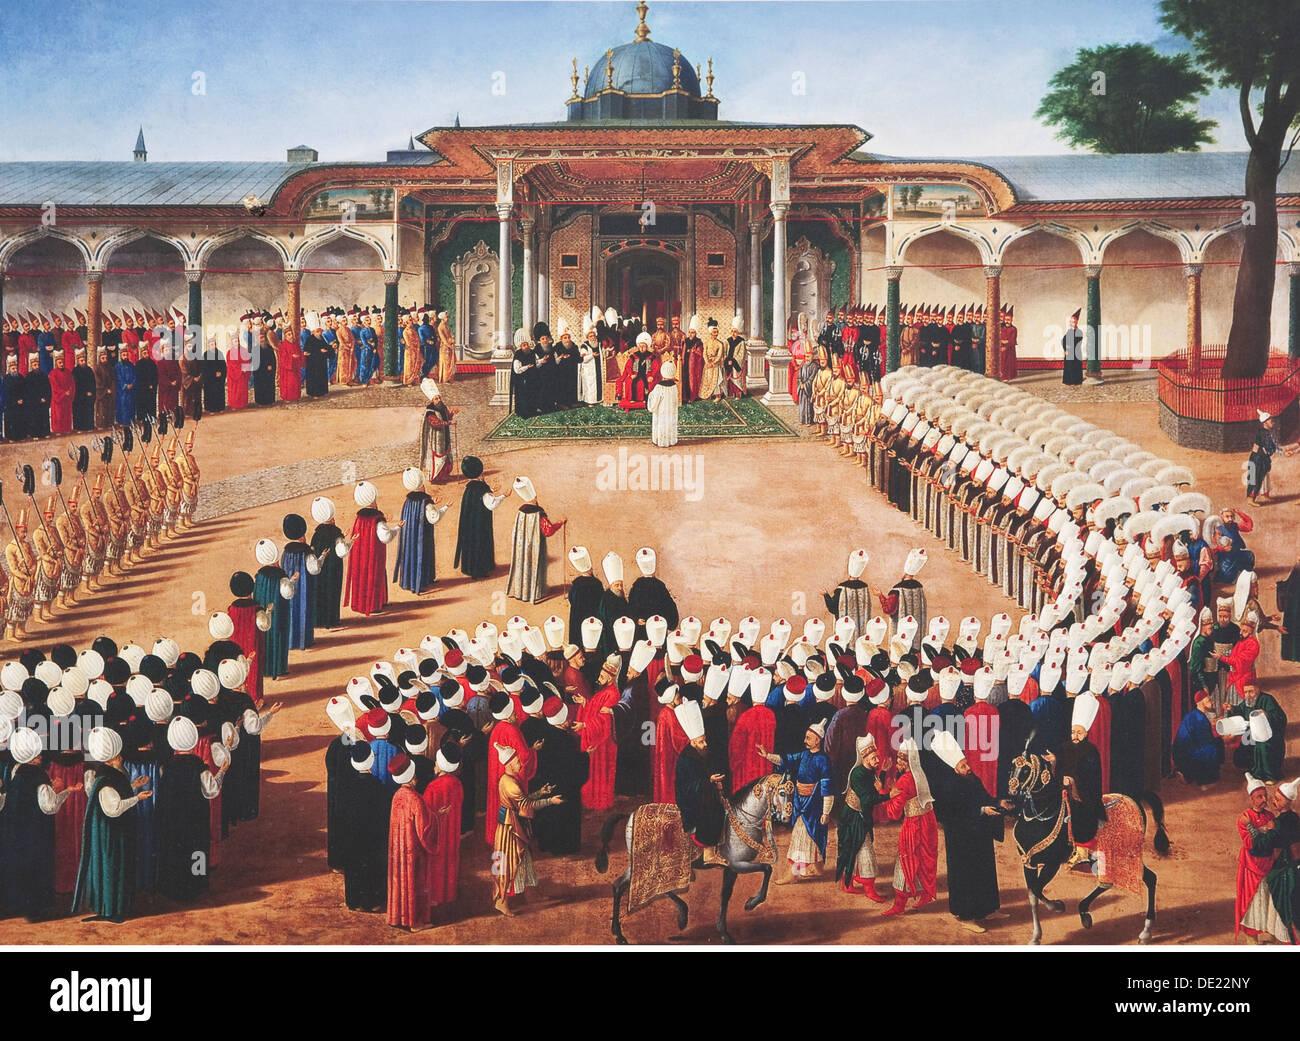 Les beaux-arts, l'Empire byzantin, le palais de Topkapi, peinture, Istanbul, l'artiste n'a pas d'auteur pour être effacé Photo Stock